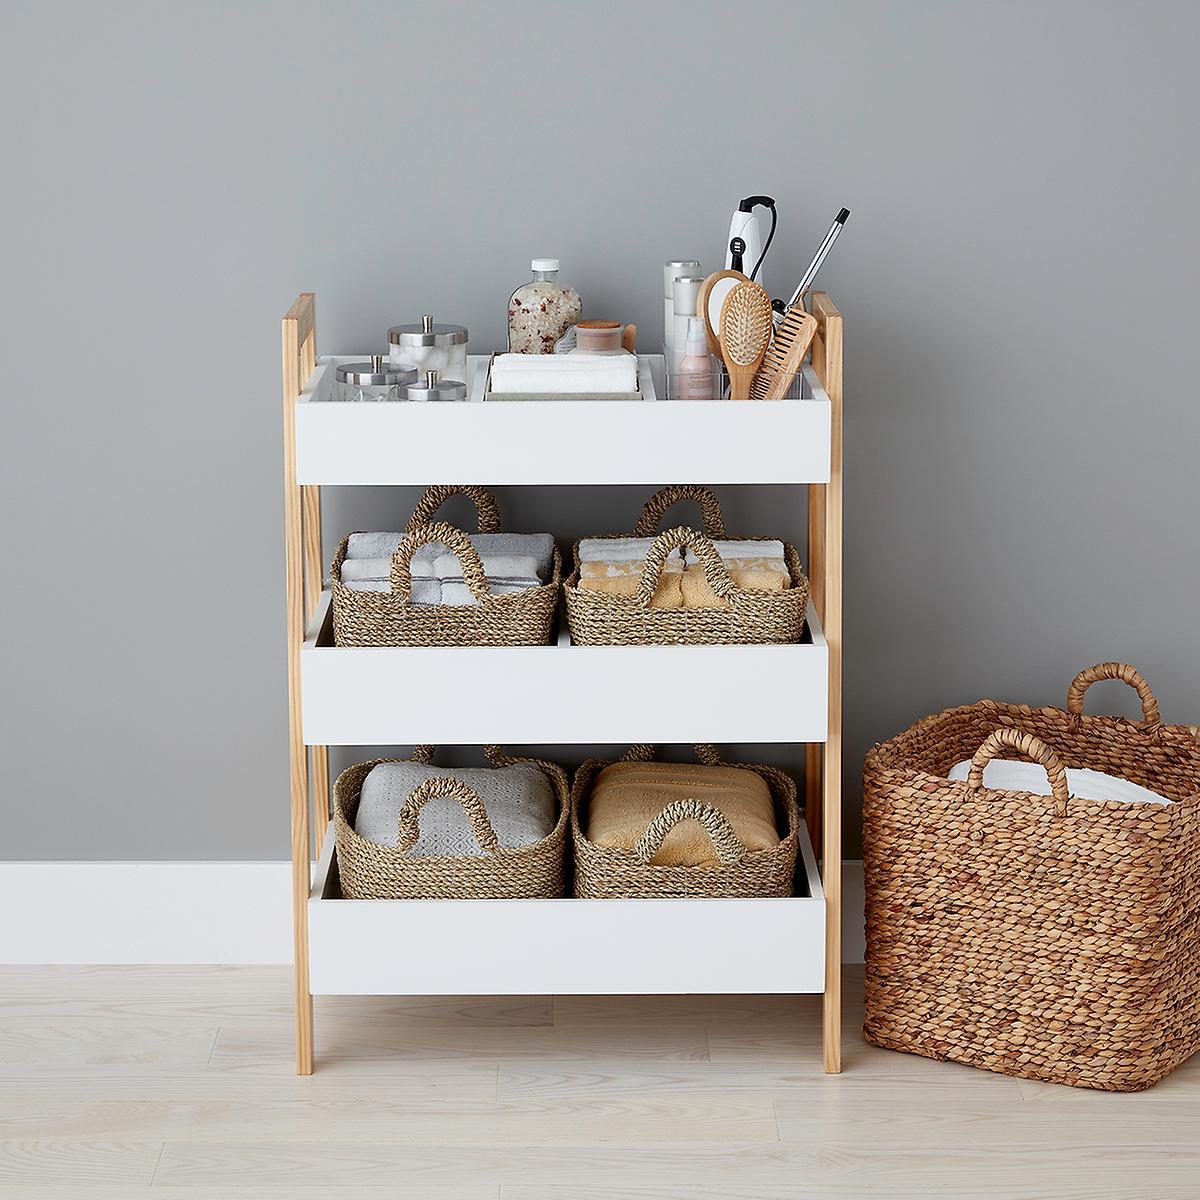 White Multi Purpose 3 Tier Shelf The